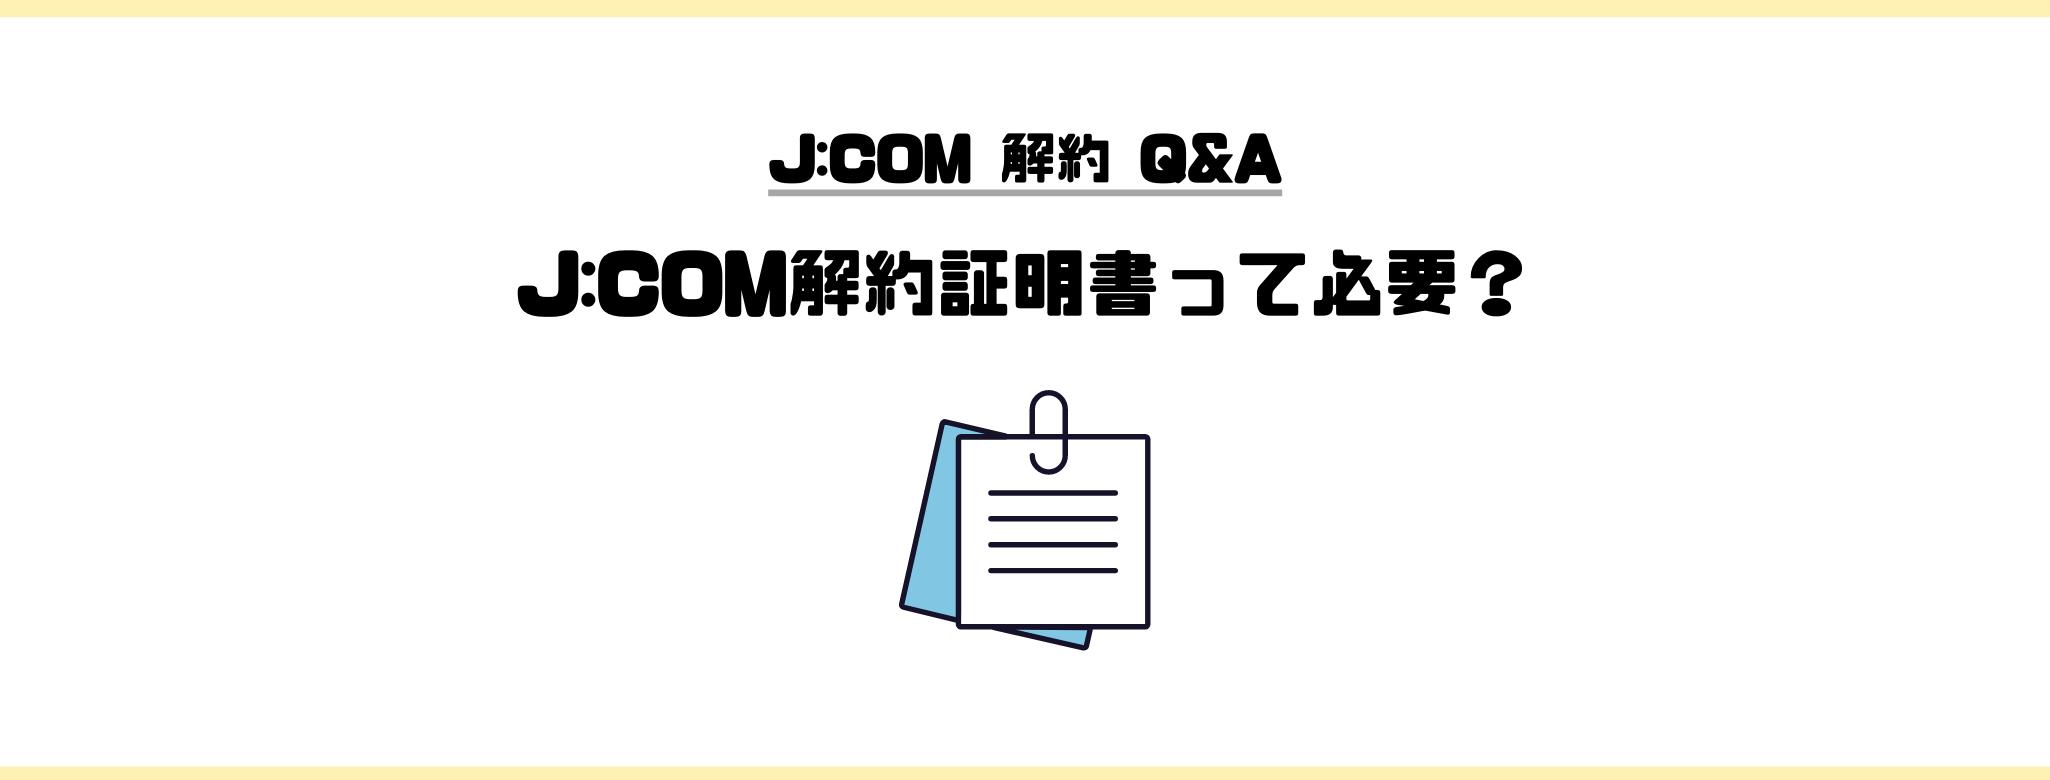 J:COM_解約_解約証明書_利用明細書